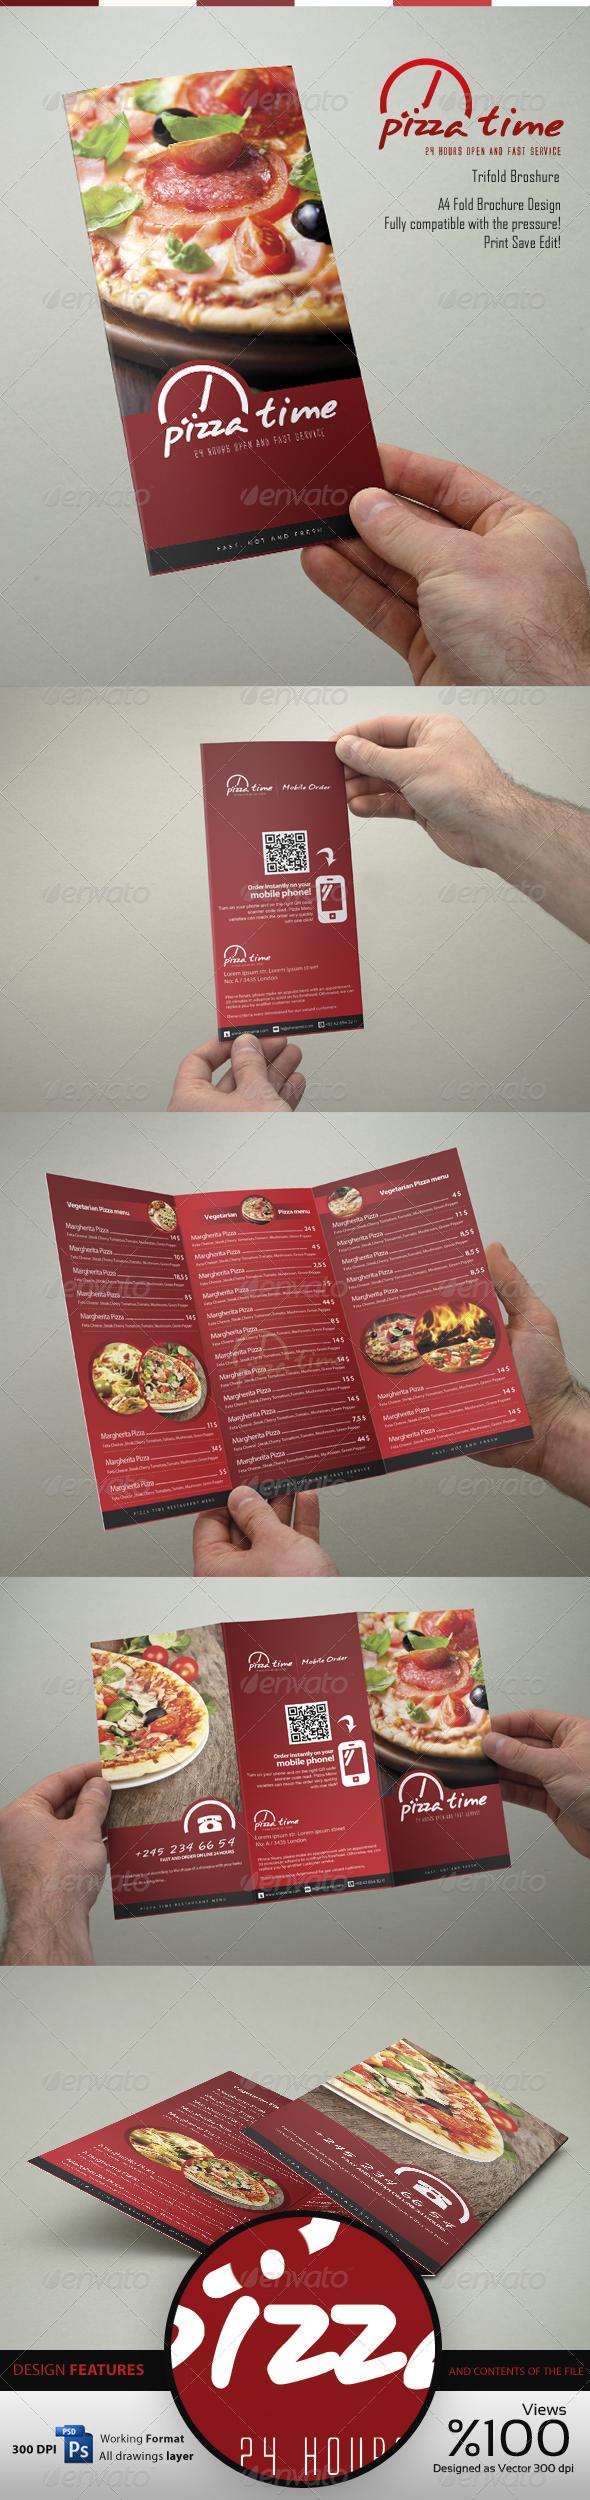 GraphicRiver Food Menu Trifold Broshure V1 4239768